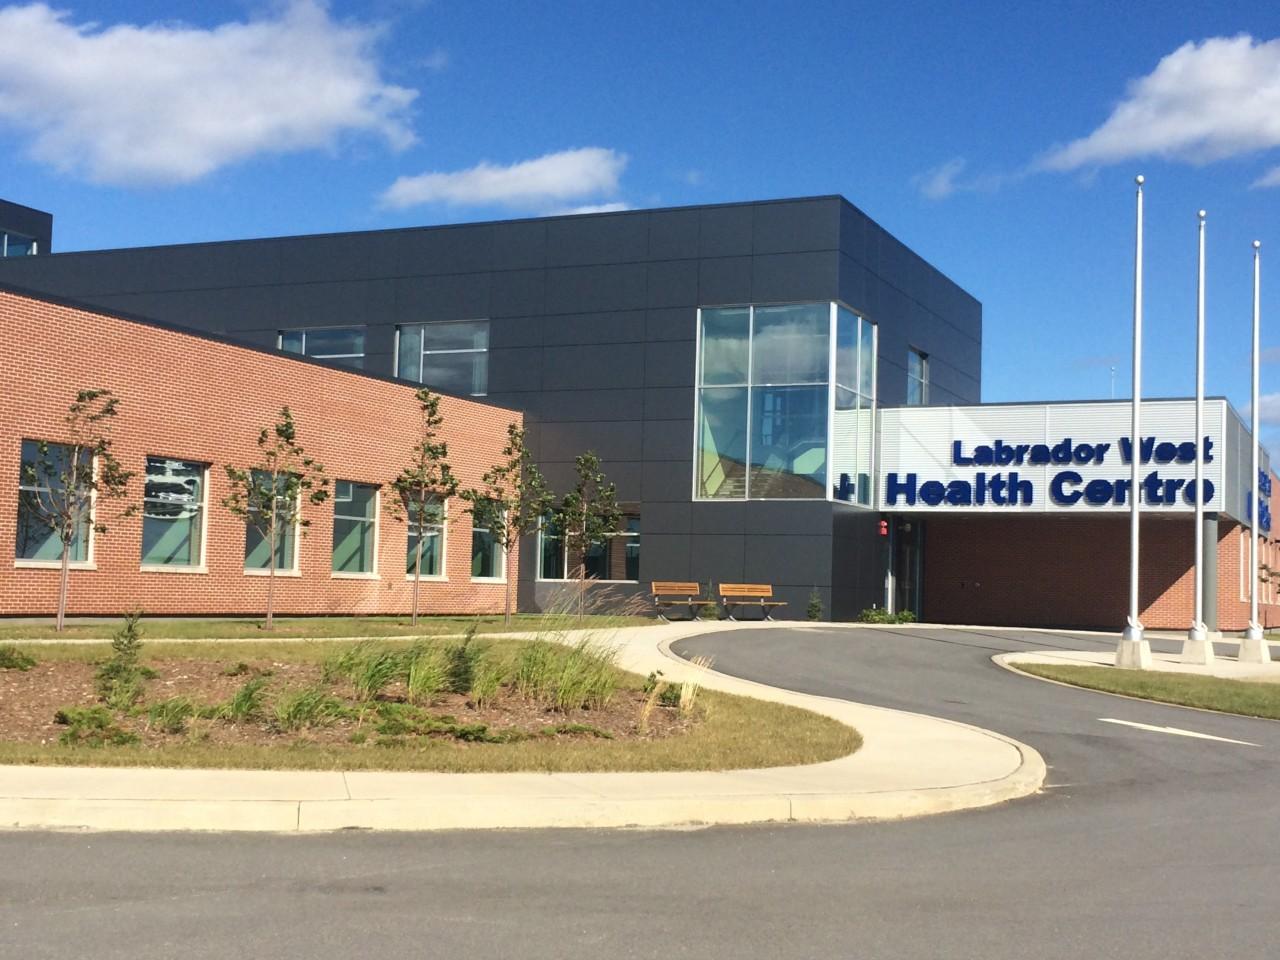 Labrador-West-Hospital-1-e1442865522114-1280x960.jpg